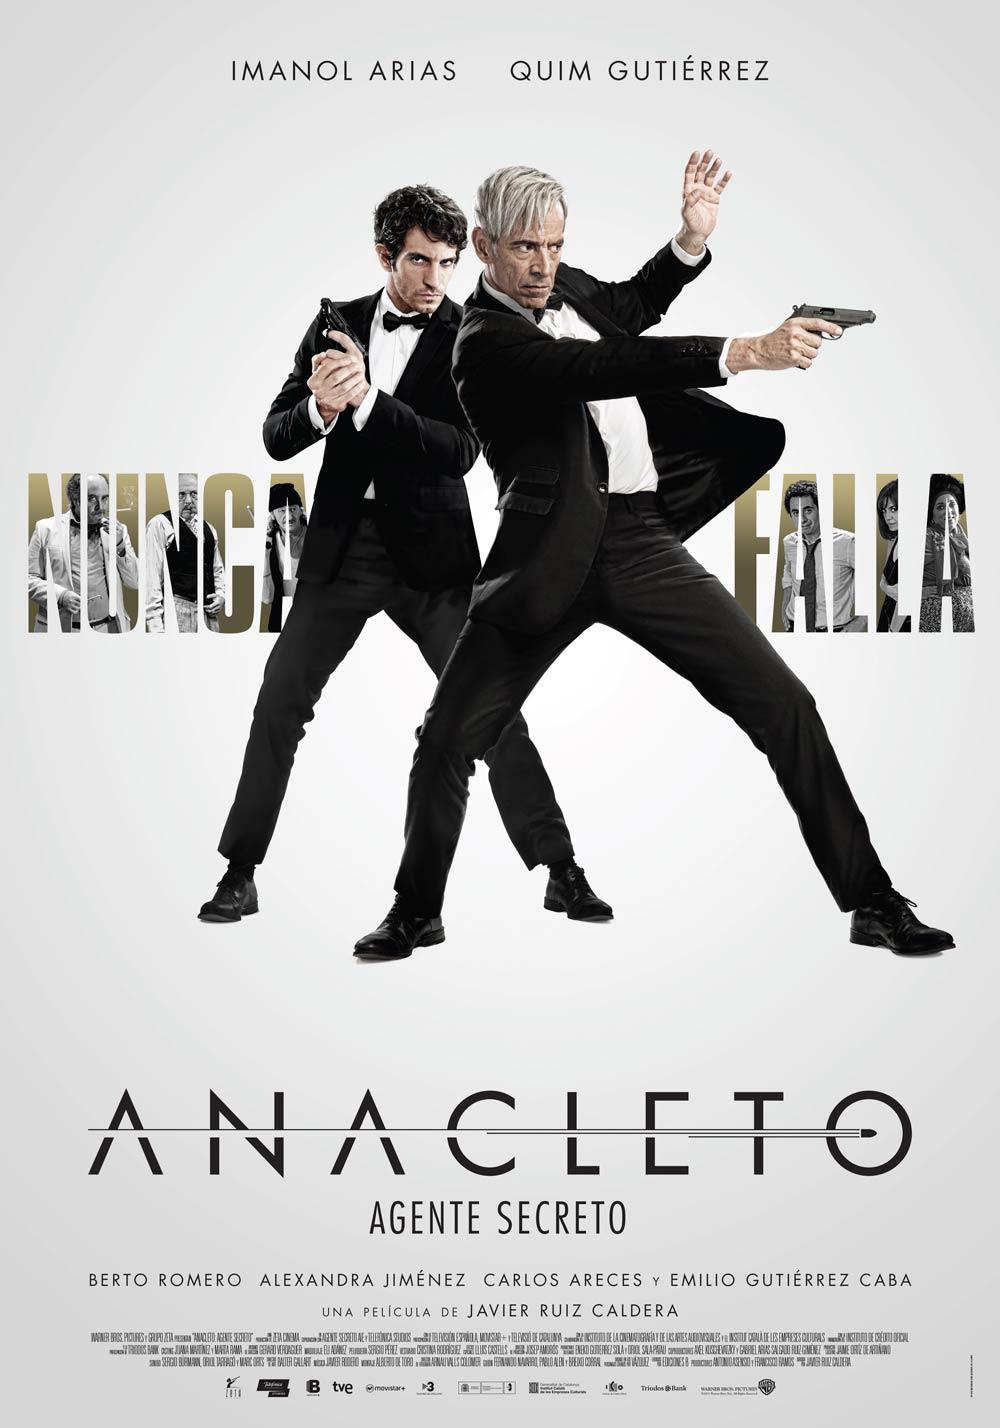 anacleto poster